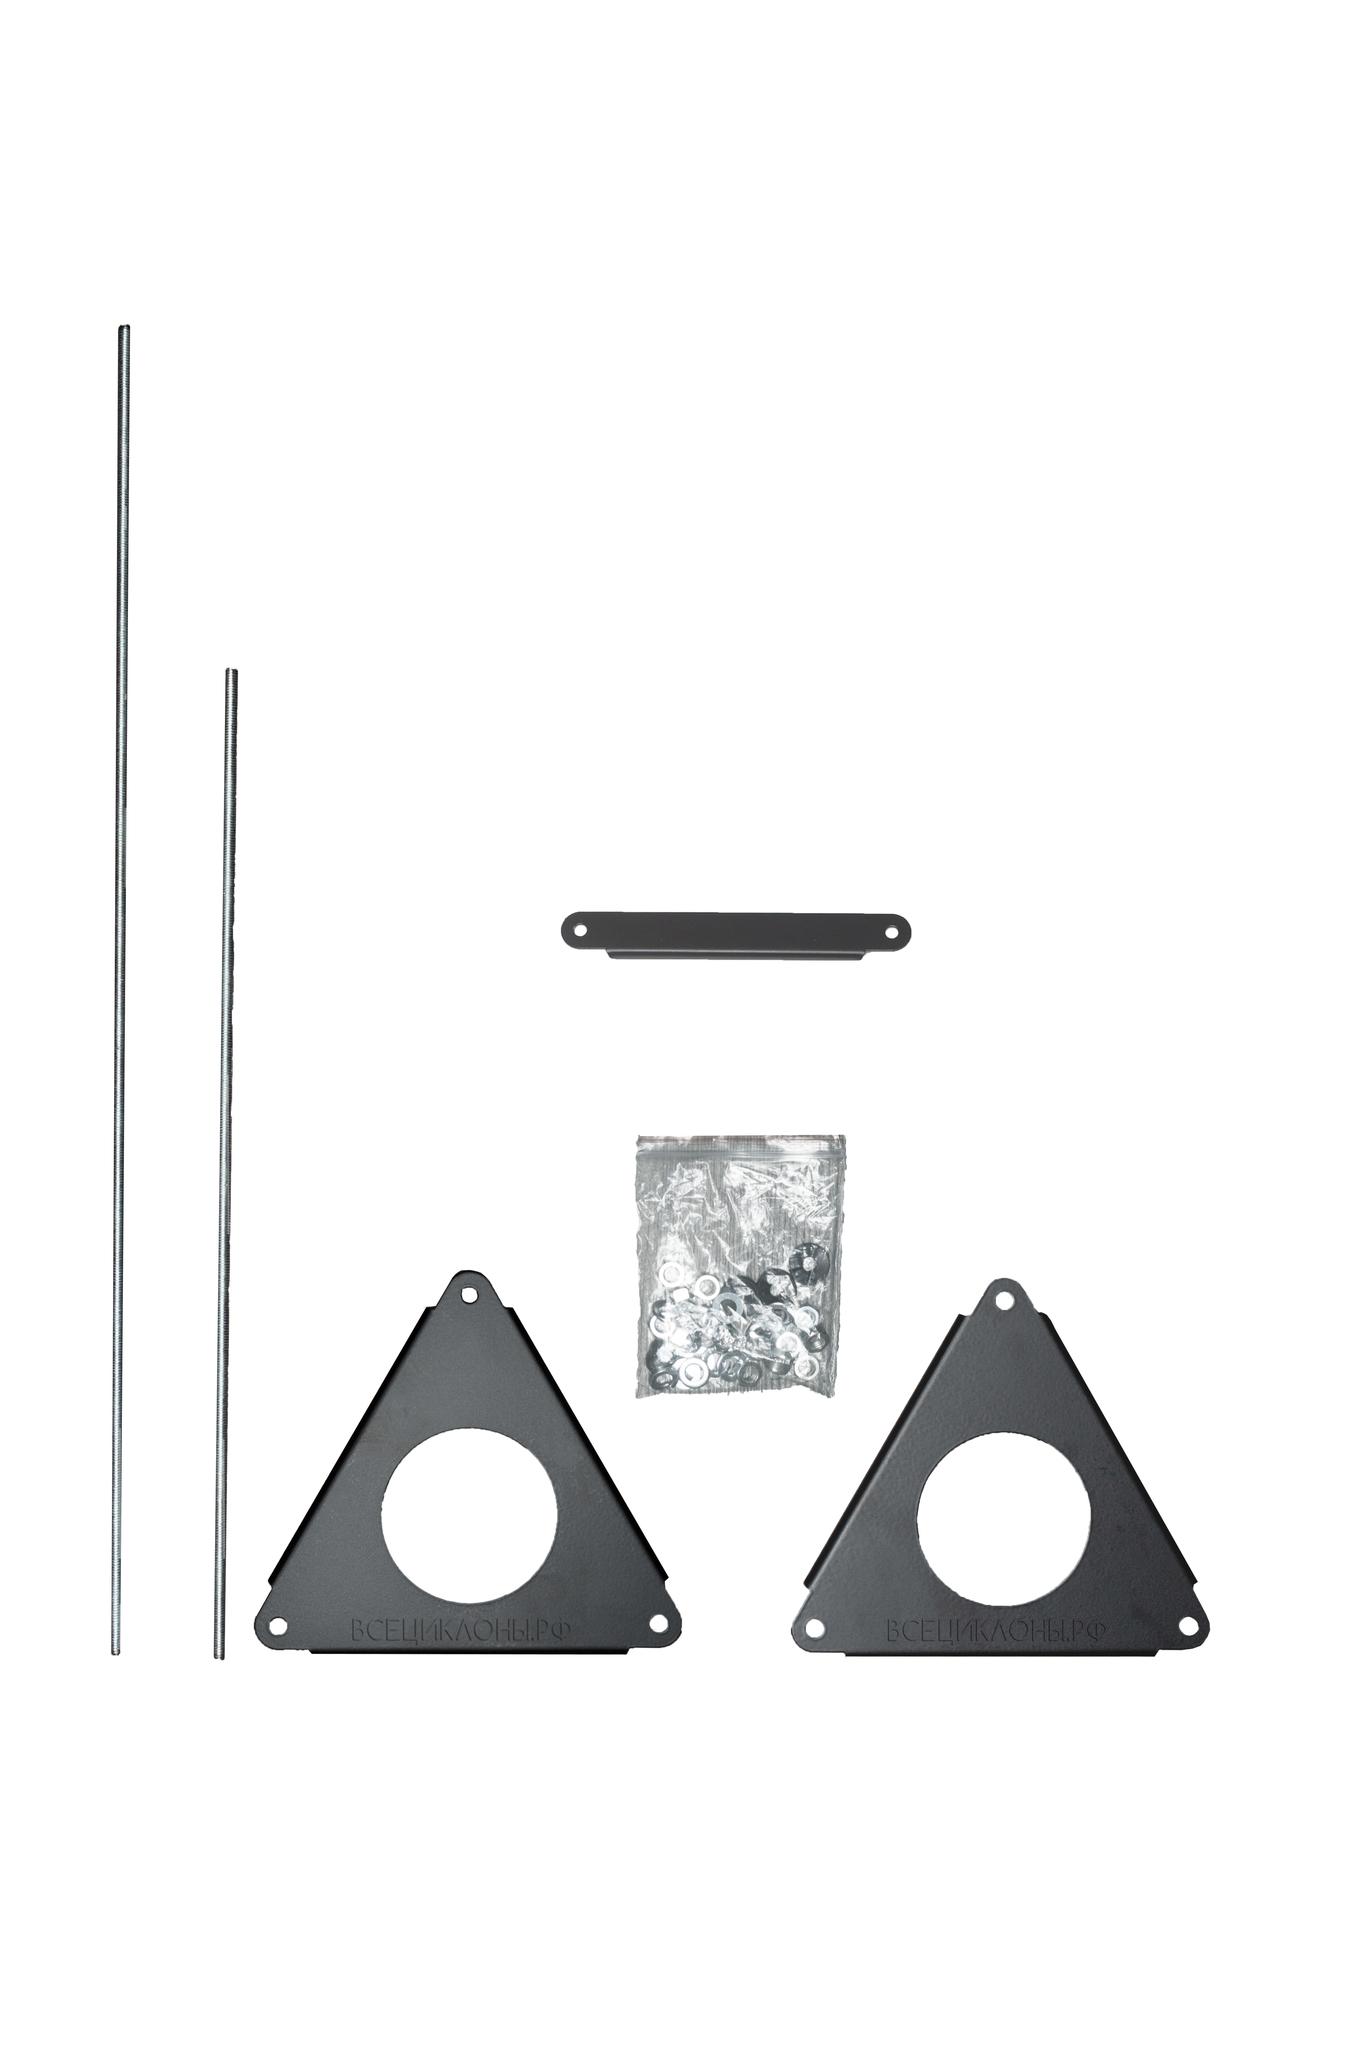 Комплектующие Скелетный крепёж для циклона М-3, крышка и циклонный фильтр продаются отдельно